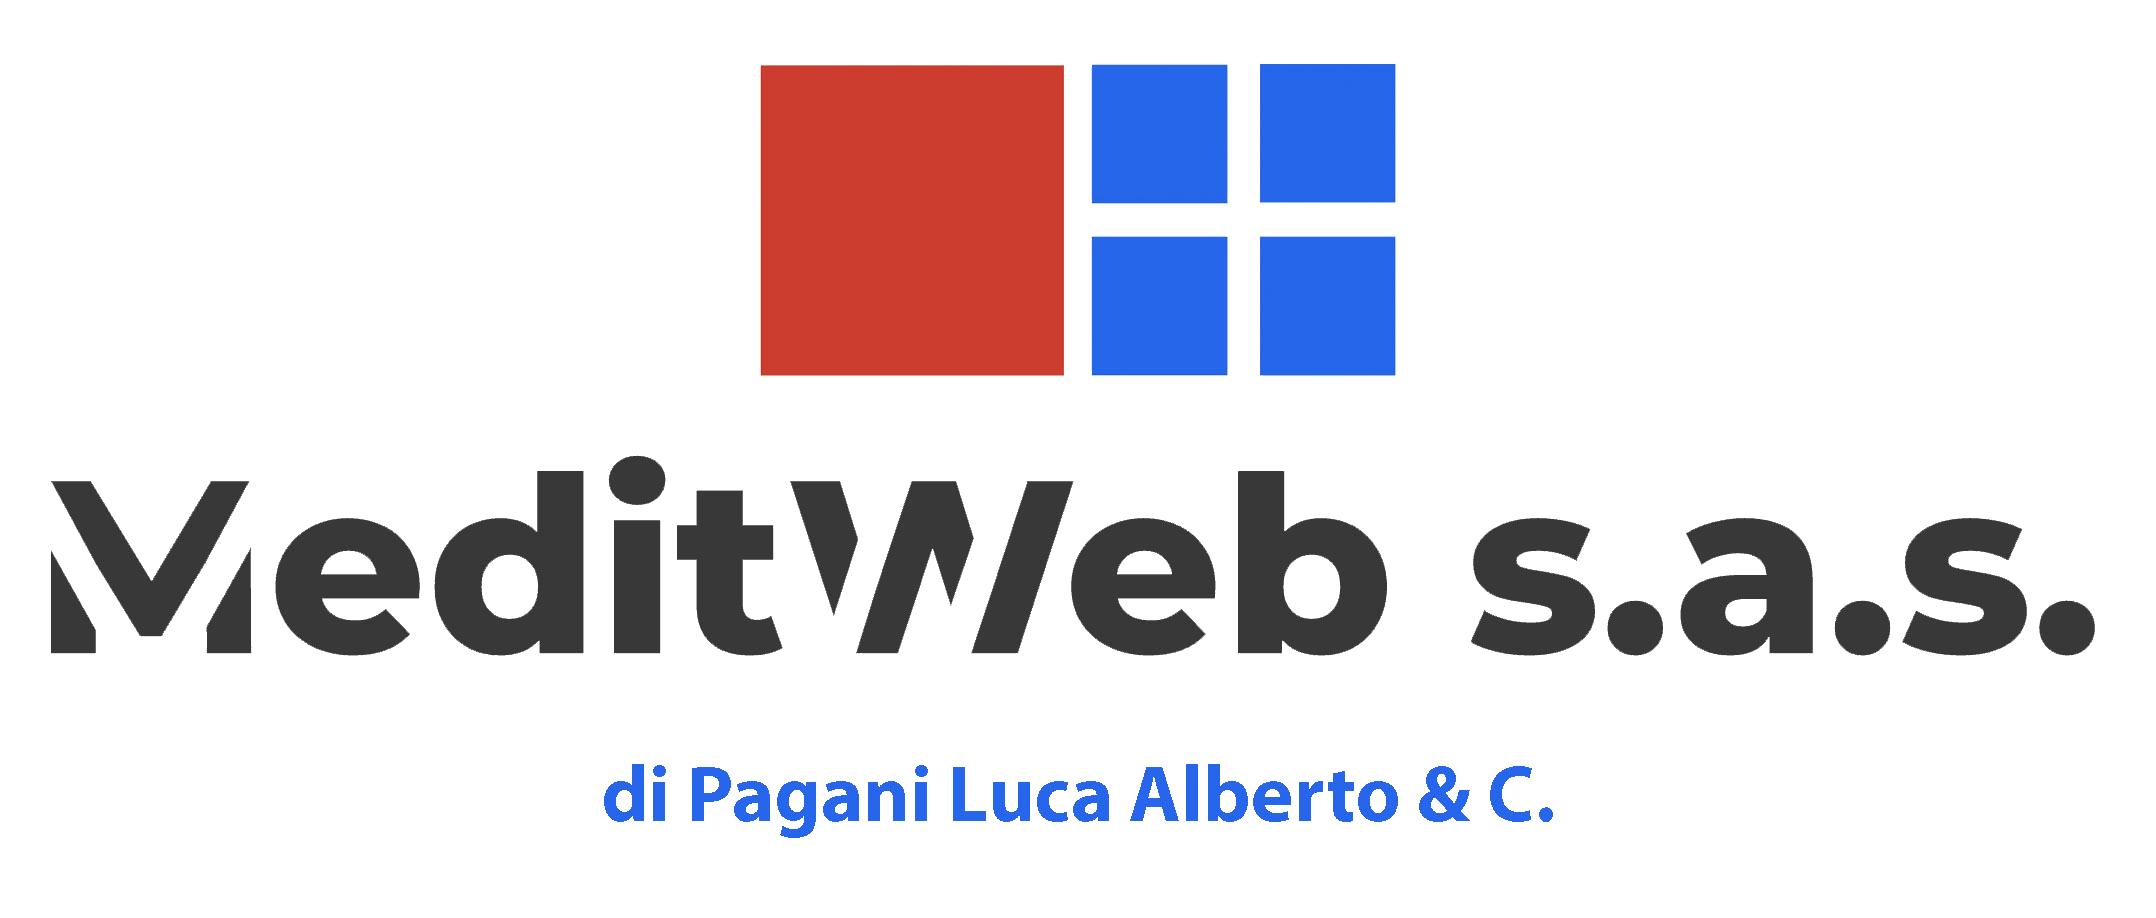 MeditWeb s.a.s. di Pagani Luca Alberto & C.